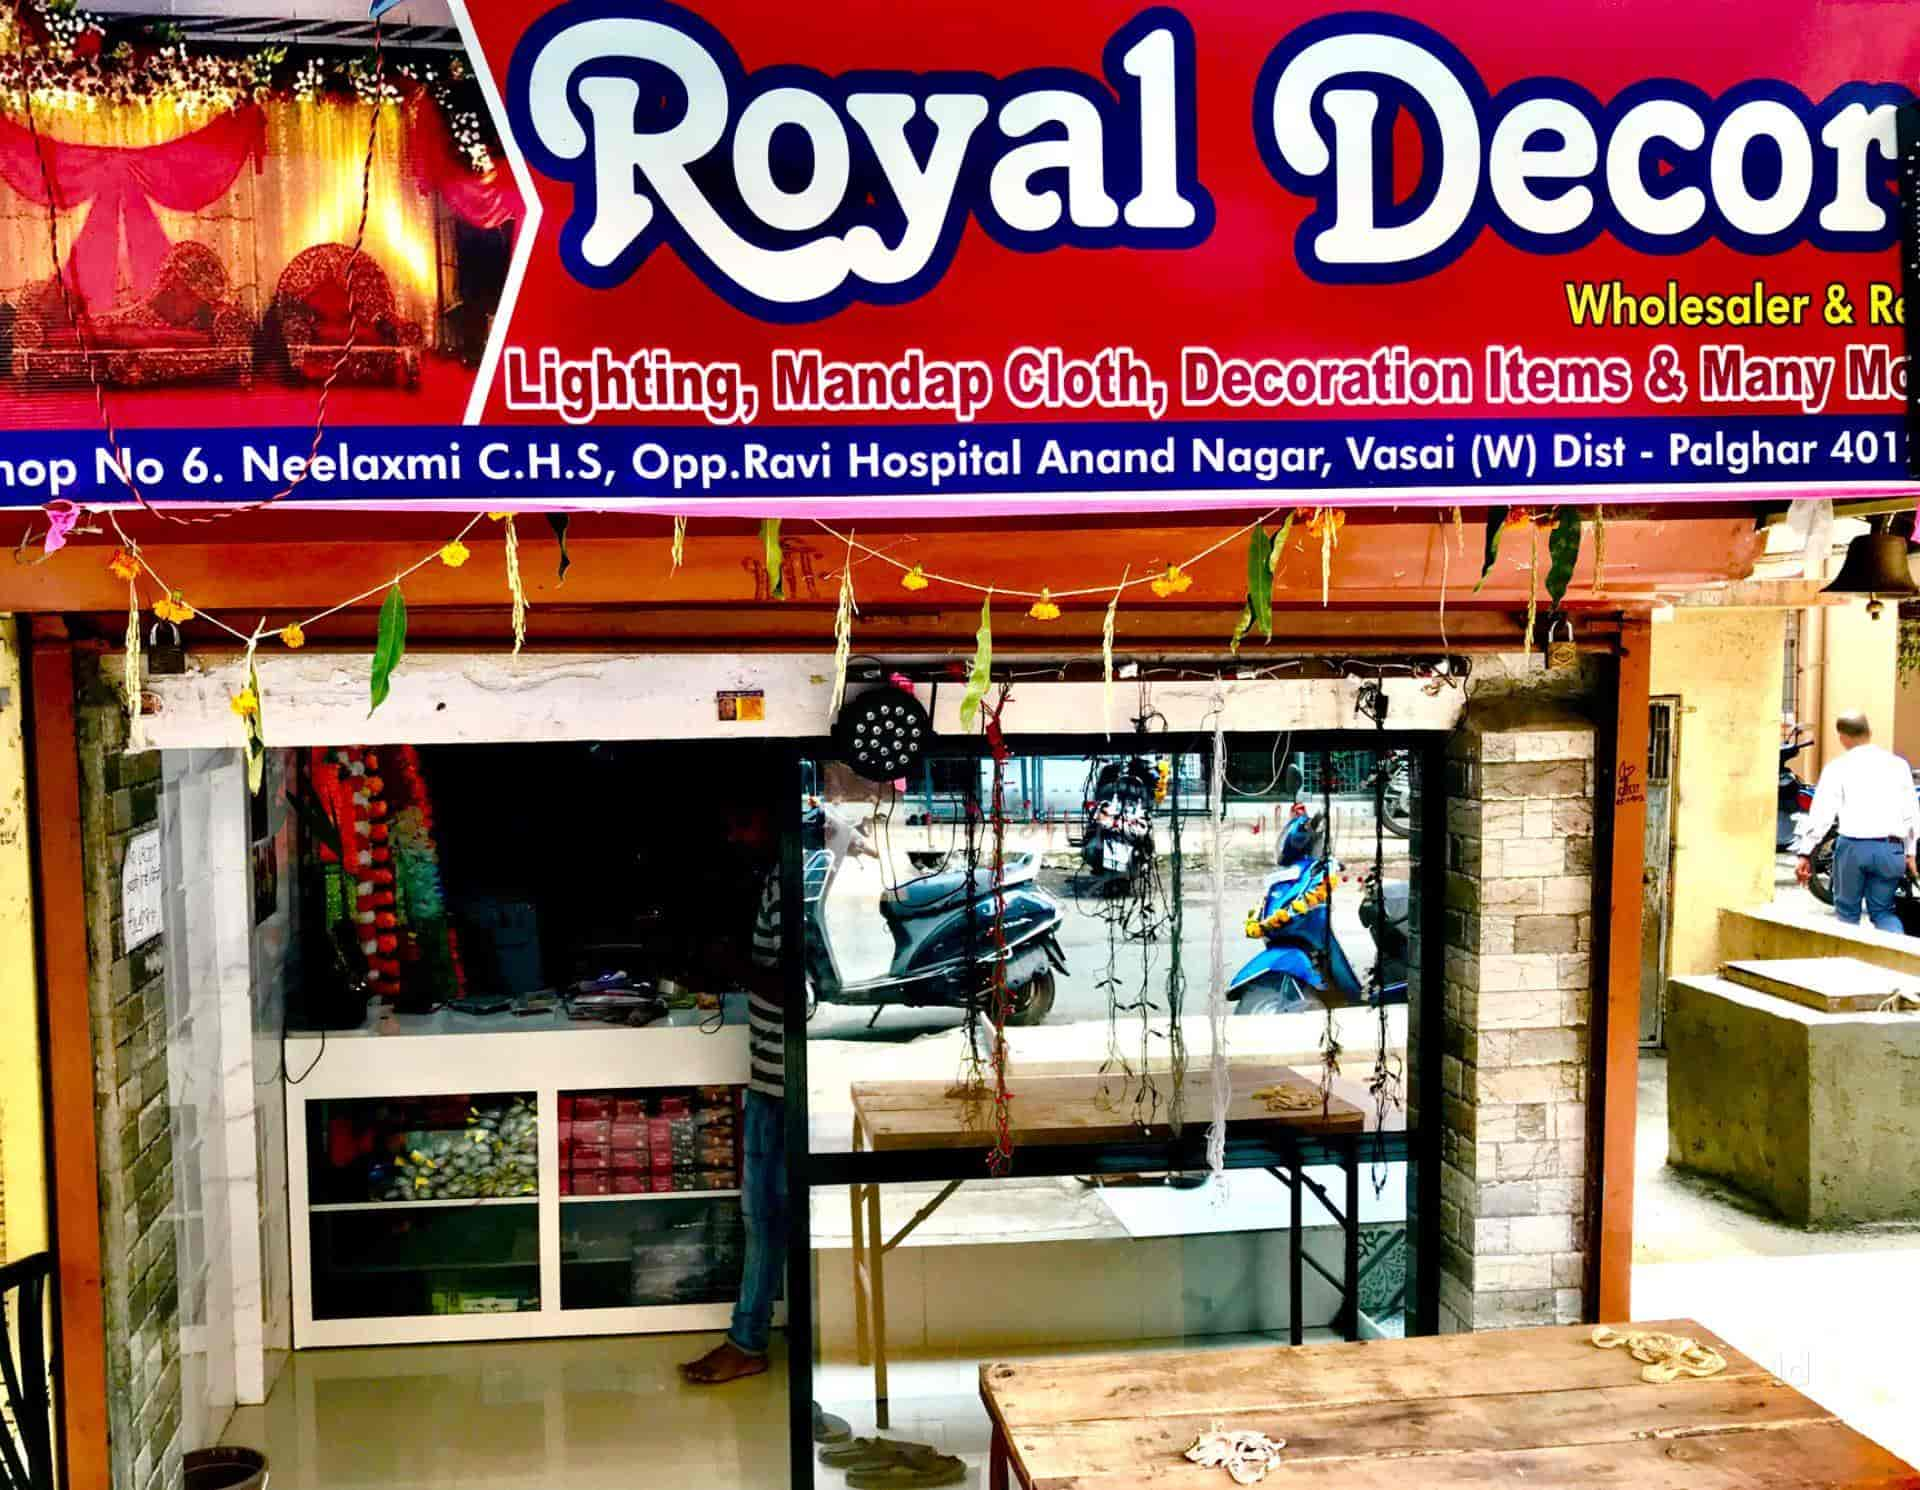 Top 50 Decorative Item Wholesalers In Mumbai À¤¡ À¤• À¤° À¤Ÿ À¤µ À¤†à¤‡à¤Ÿà¤® À¤µ À¤¹ À¤² À¤¸à¤² À¤° À¤¸ À¤® À¤¬à¤ˆ Justdial